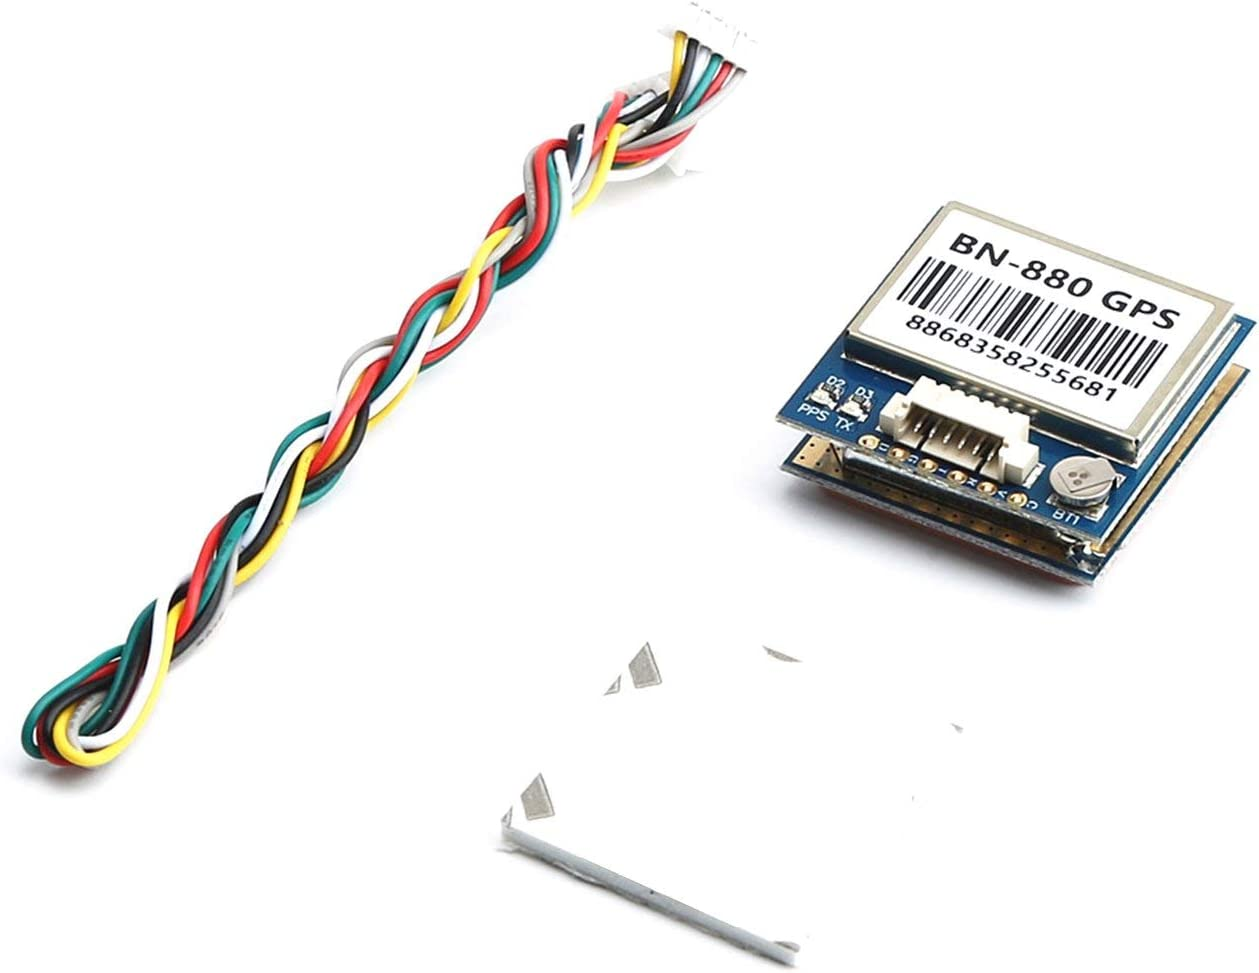 Ballylelly Module de Commande de vol du Module BPS G-880 avec connecteur de c/âble pour Accessoires de Drone de cam/éra multicam/éras